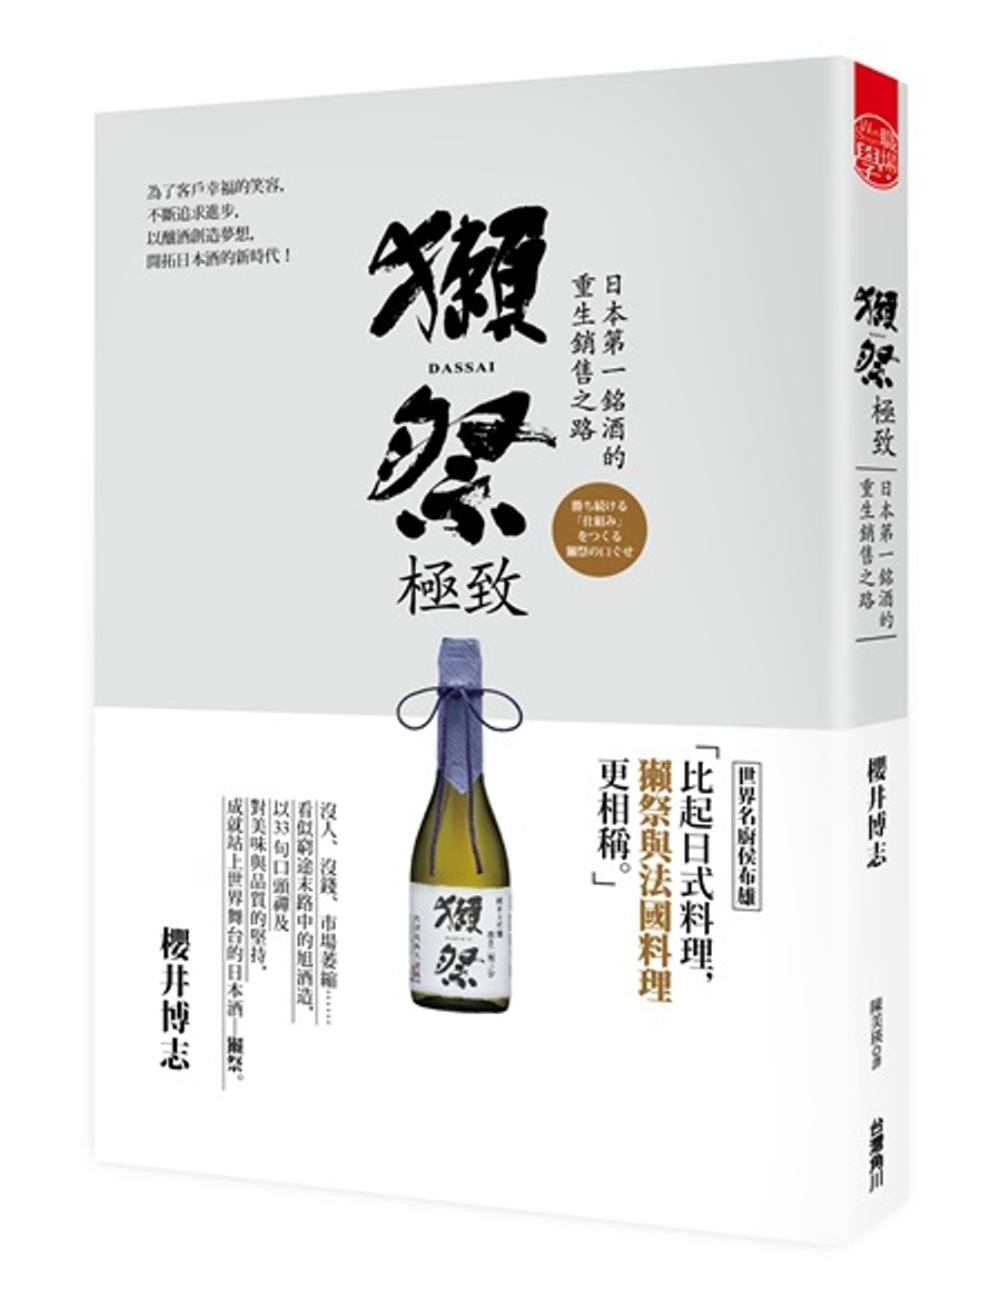 獺祭‧極致 日本第一銘酒的重生銷售之路